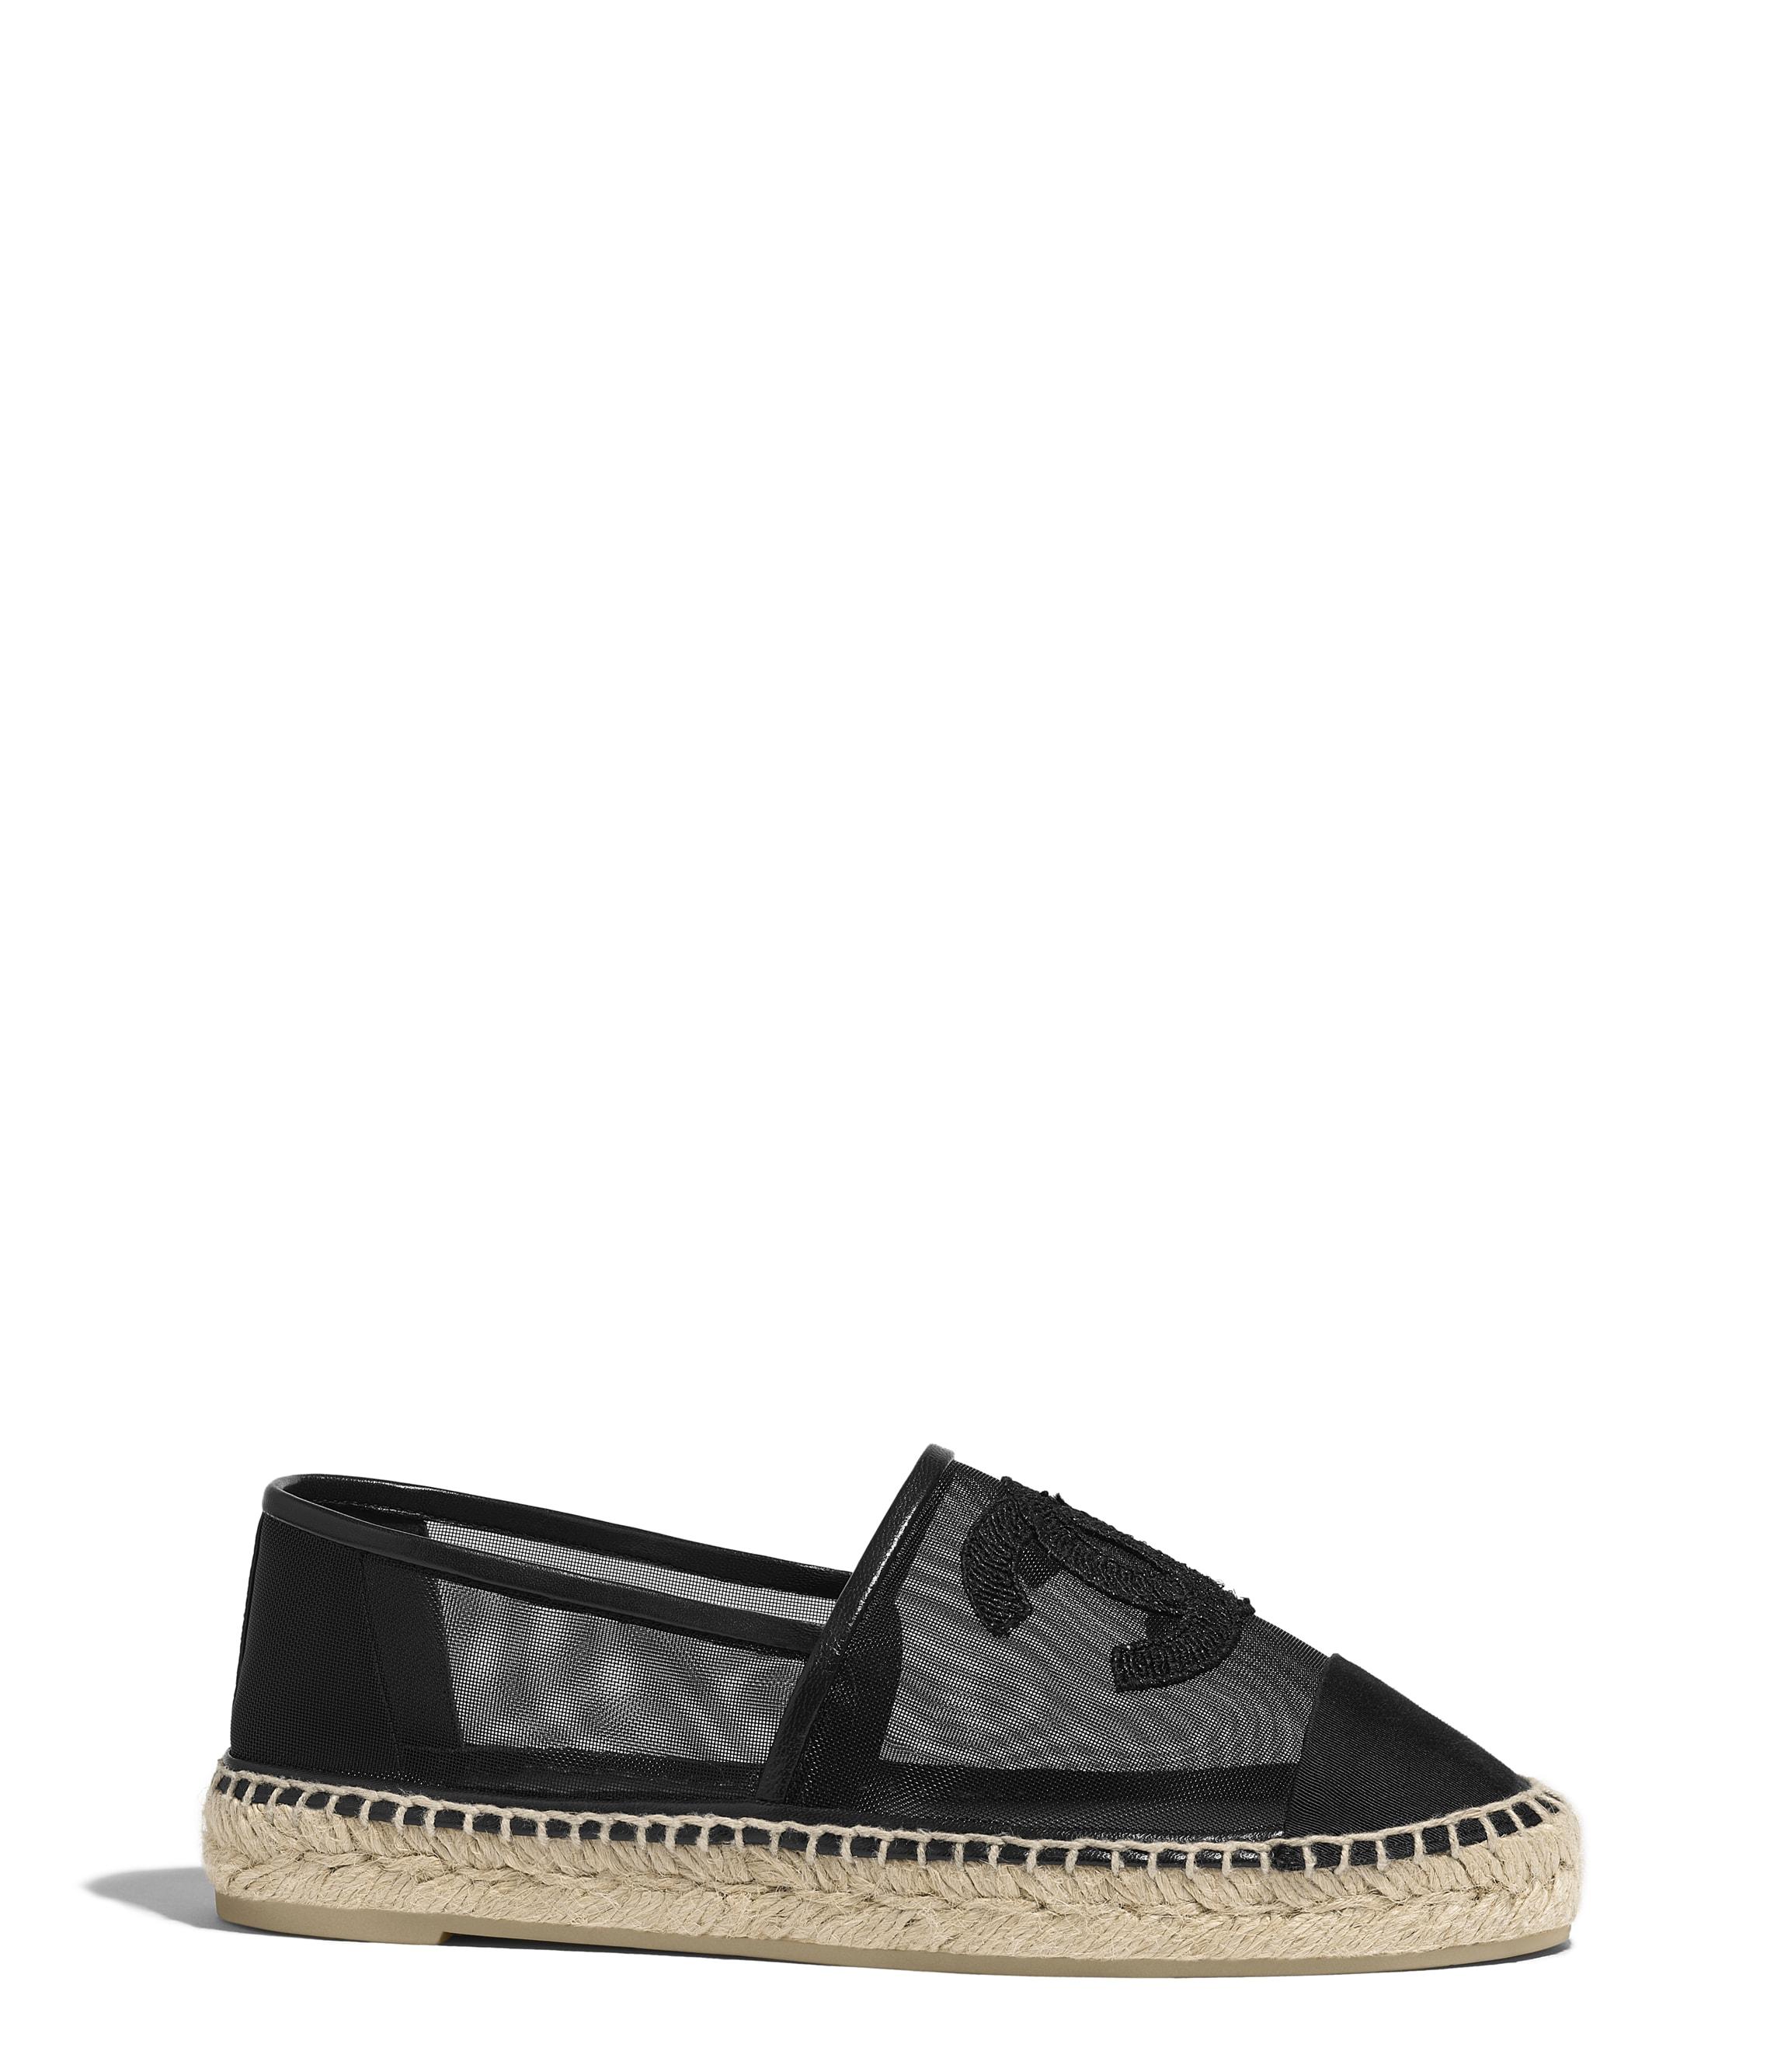 2994811c4936 Espadrilles - Shoes - CHANEL